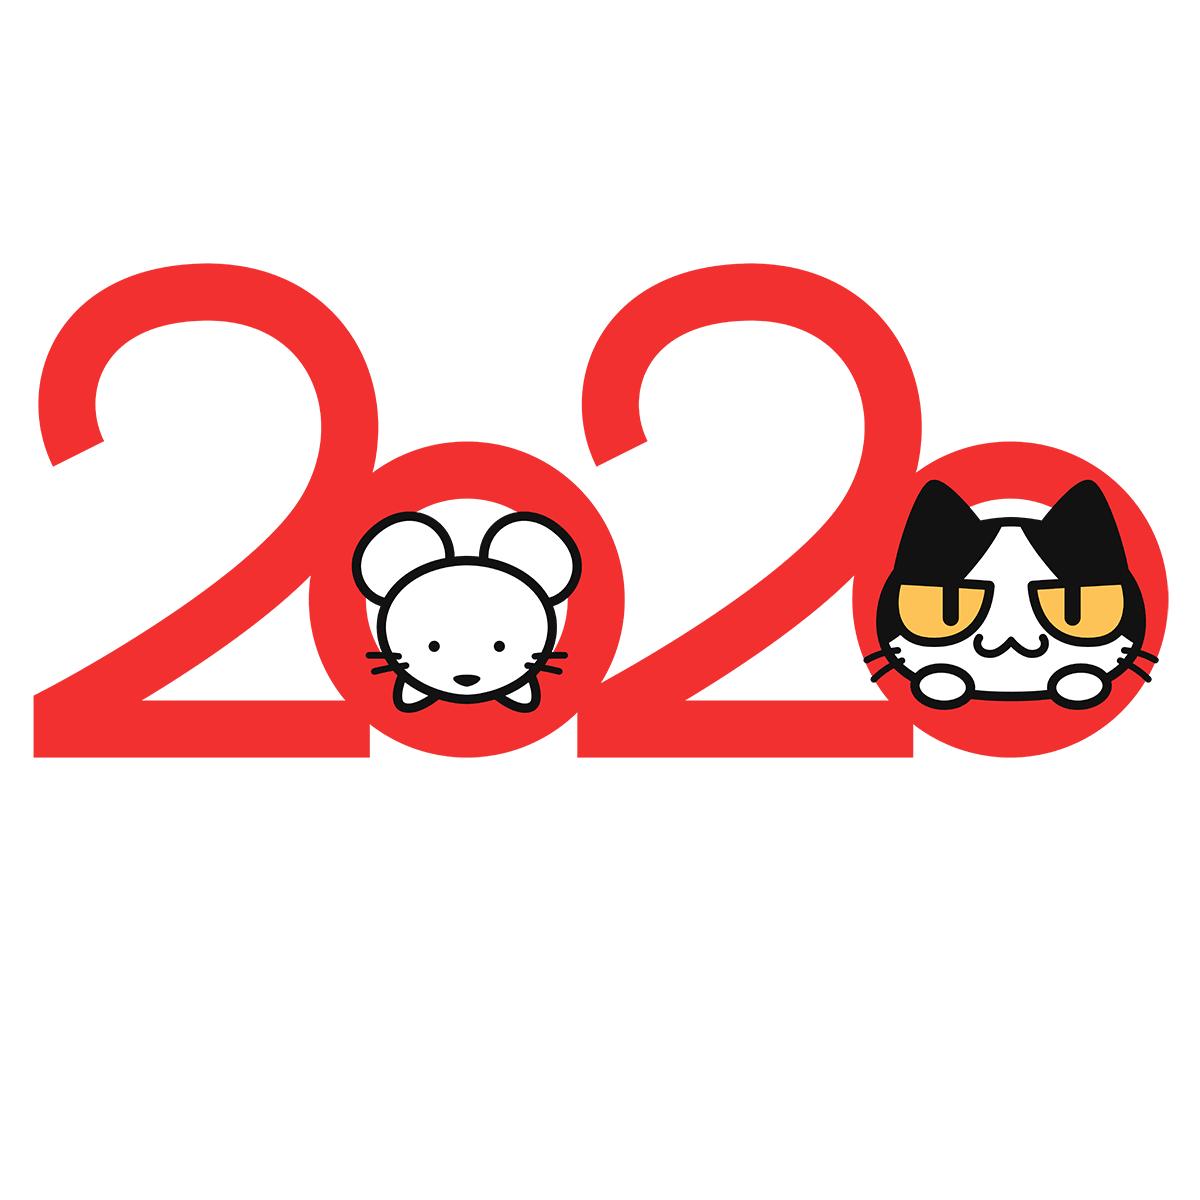 2020年の年賀状(ネズミと猫)の無料イラスト